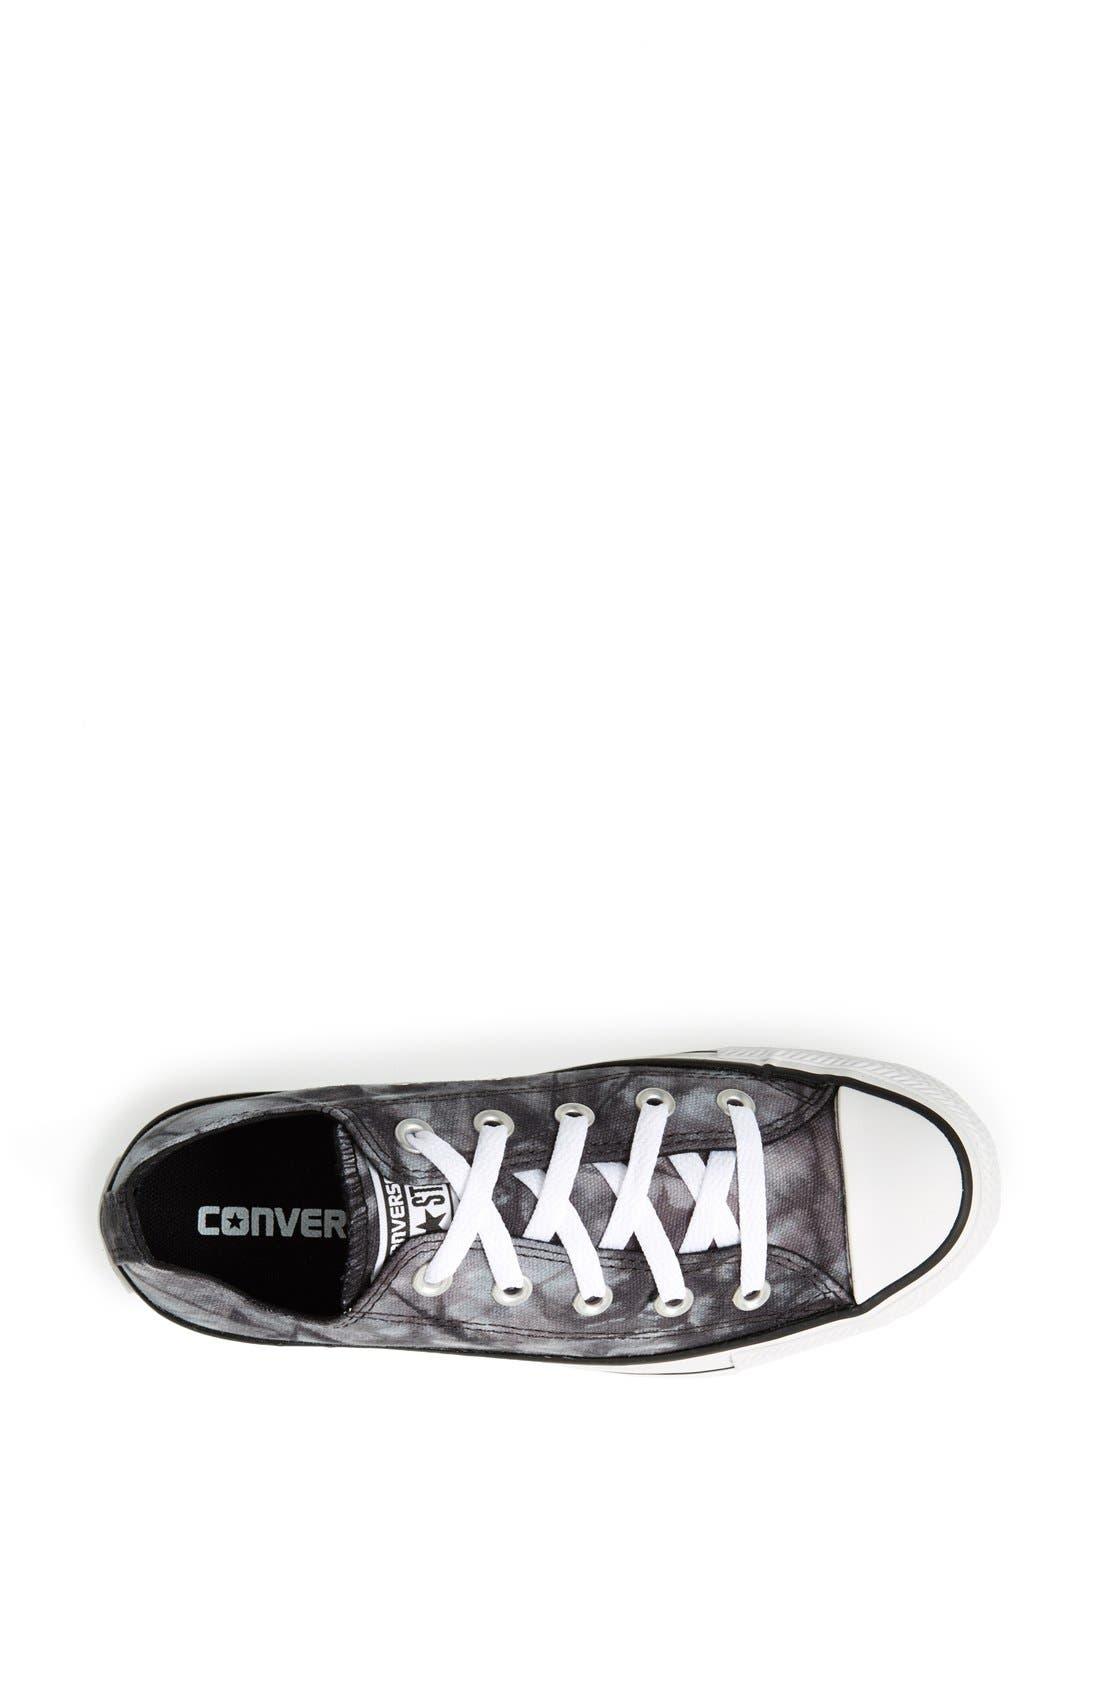 Alternate Image 3  - Converse Chuck Taylor® All Star® 'Ox' Tie Dye Low Top Sneaker (Women)